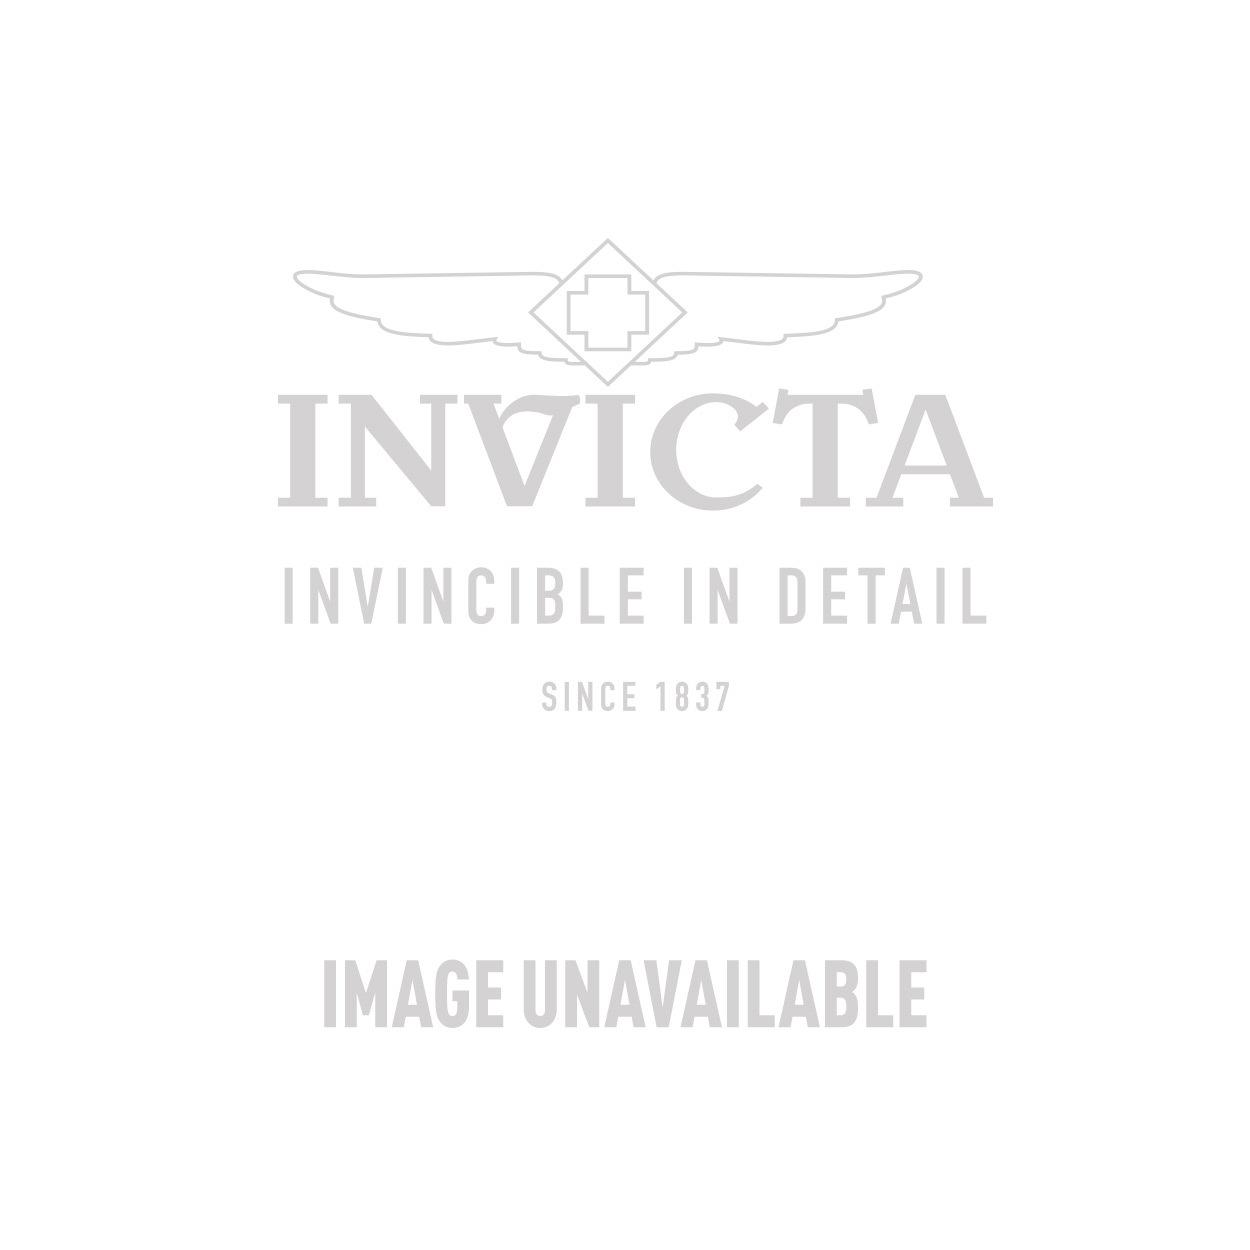 Invicta Model 23978